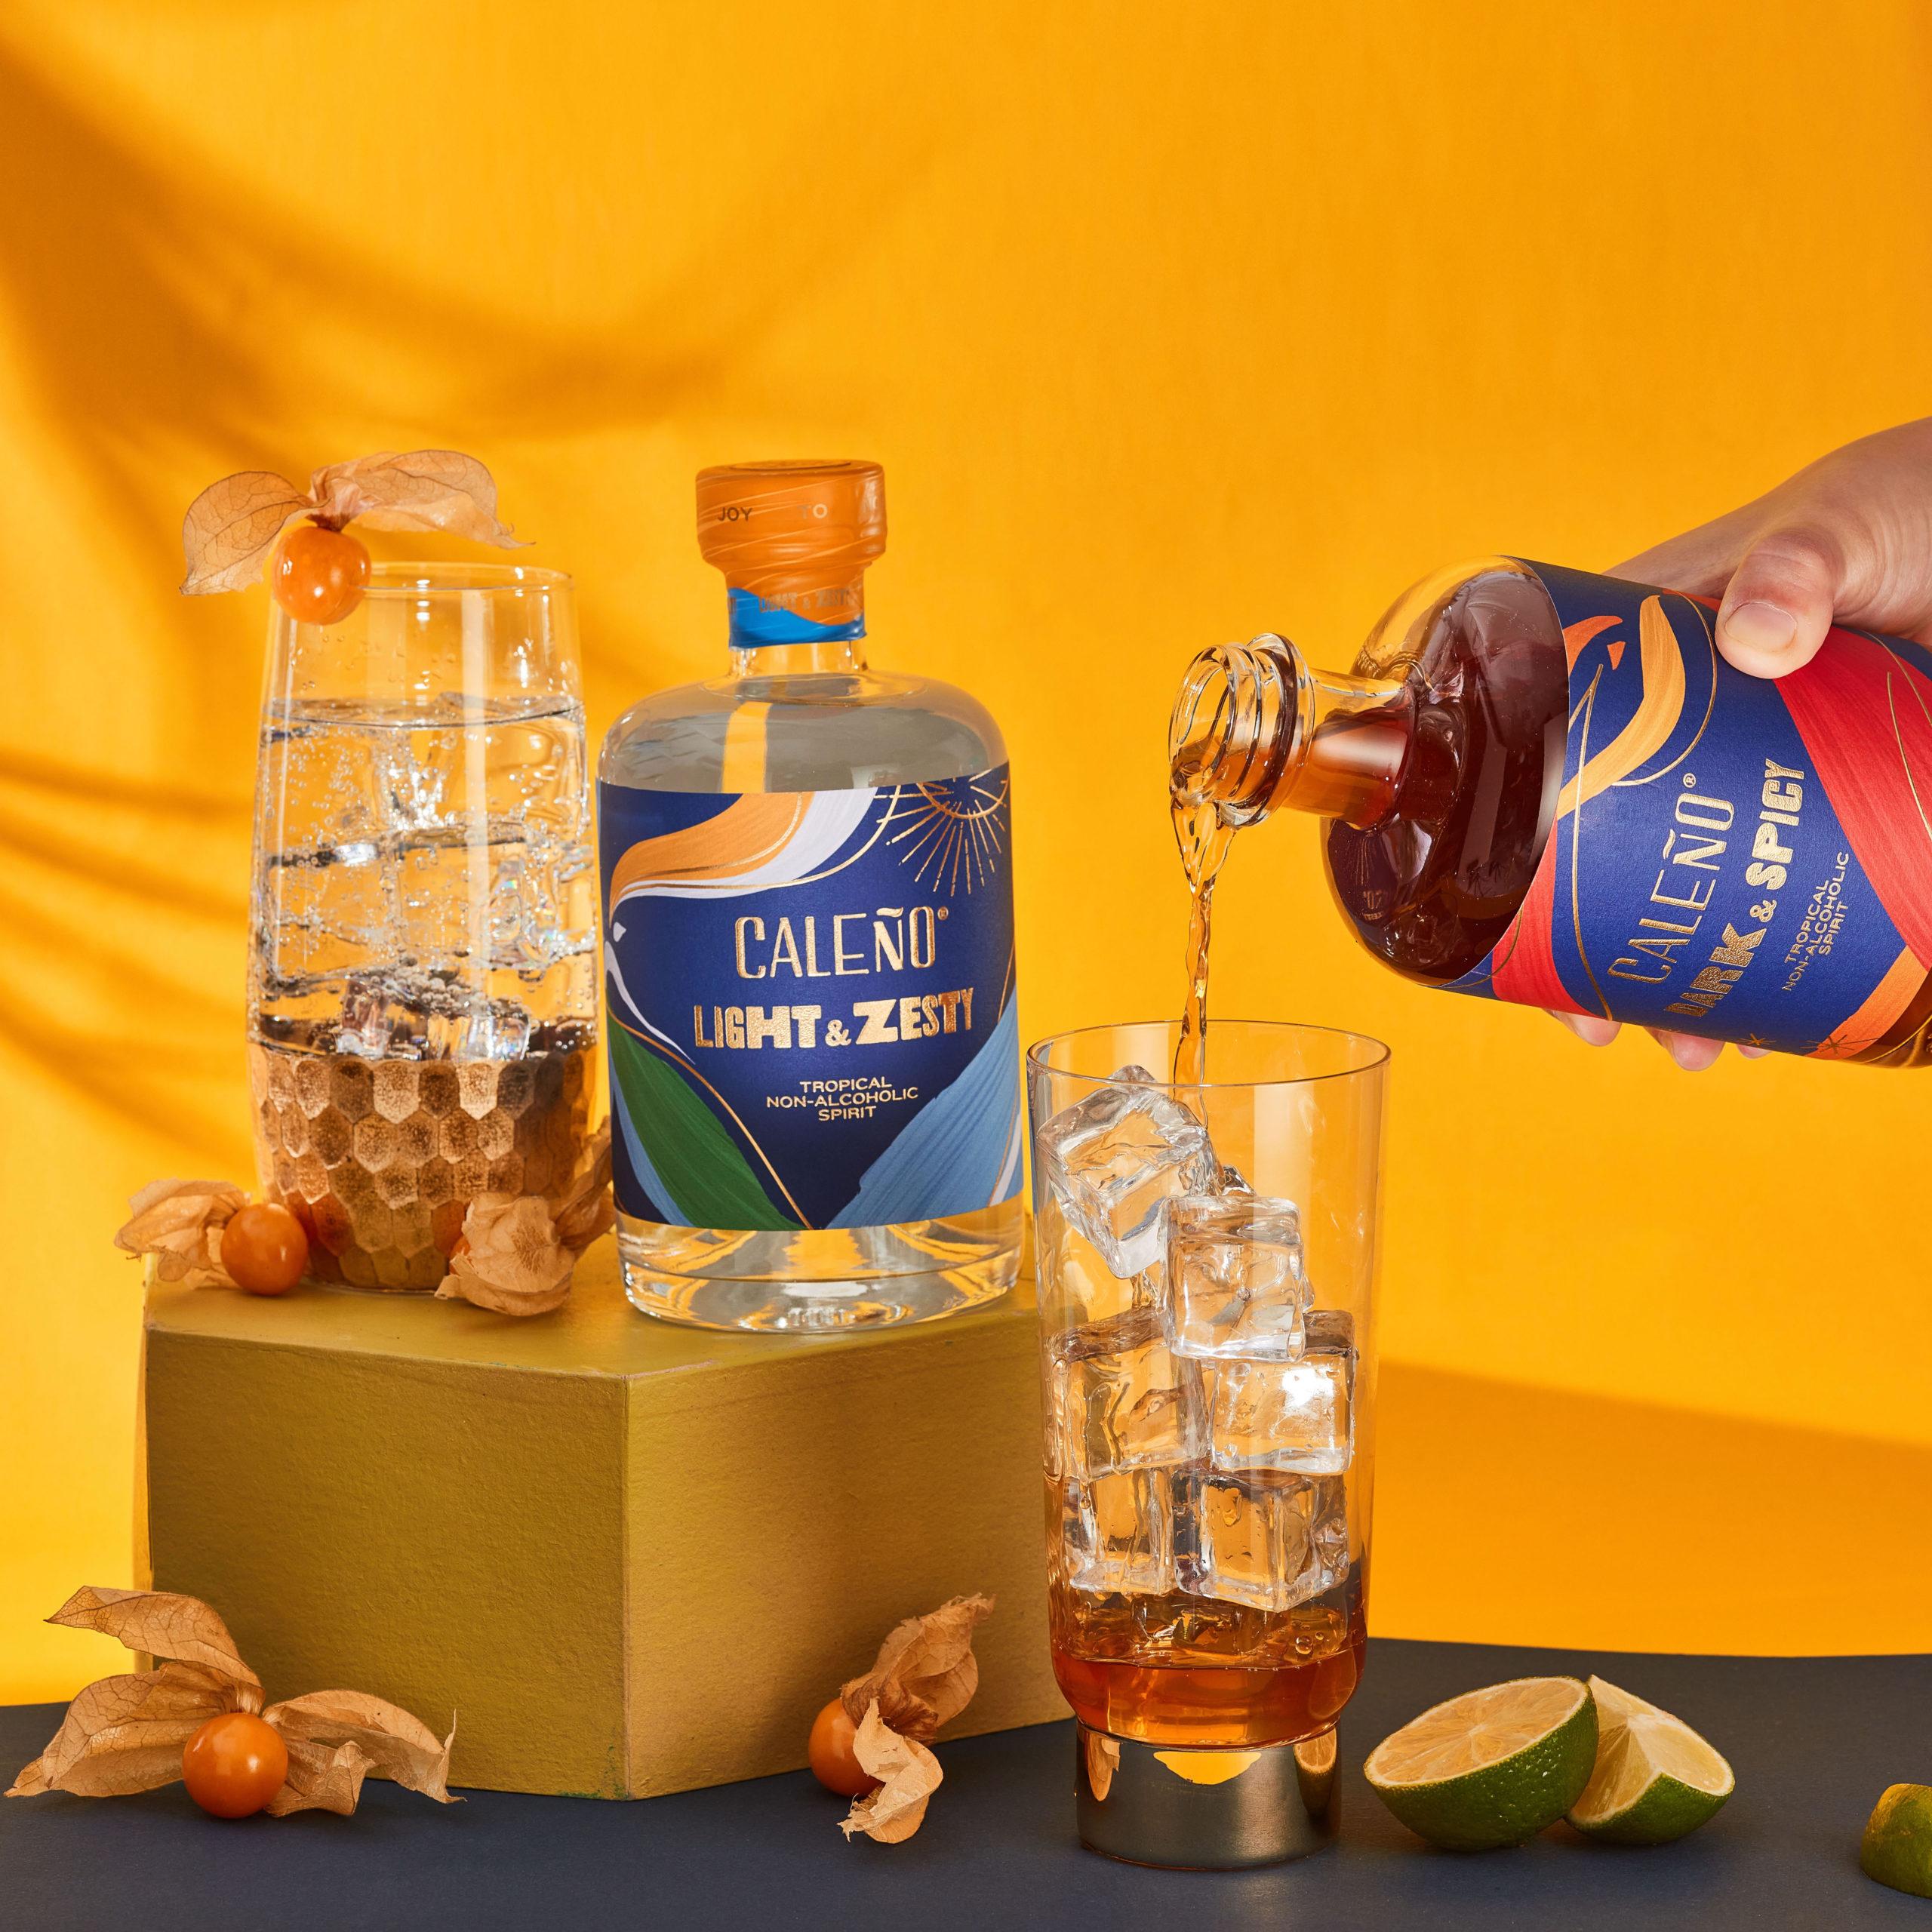 Caleño non-alcoholic spirits